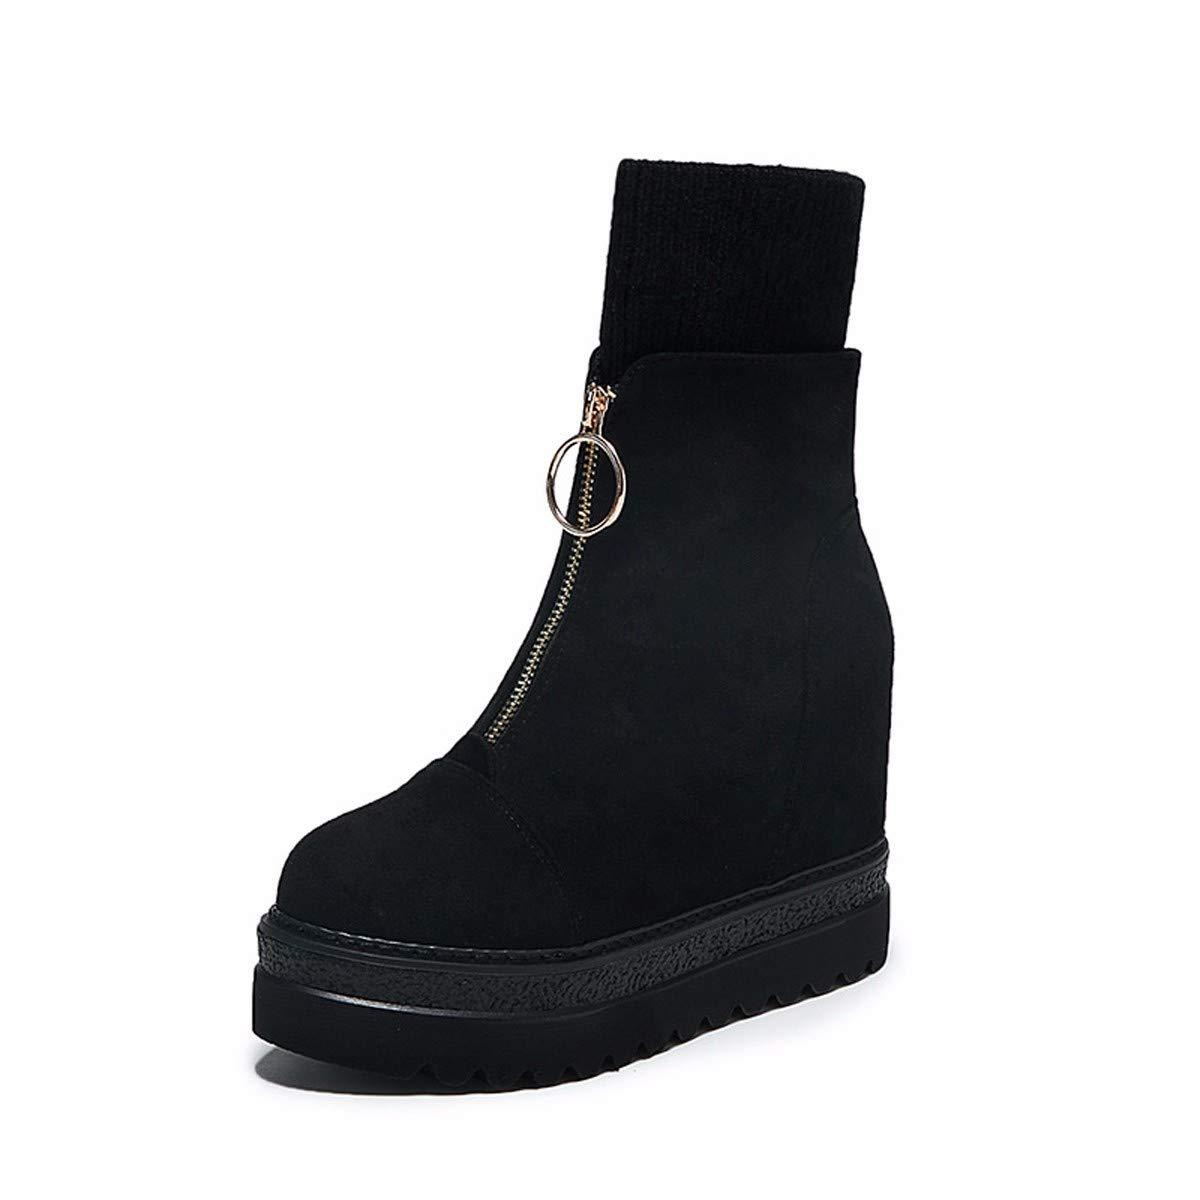 LBTSQ-Mode Damenschuhe - Unten Slope Ferse Mit Hohen 12Cm Dicke Hintern Kurze Stiefel Grundwasser - Reißverschluss Warme Stiefel.